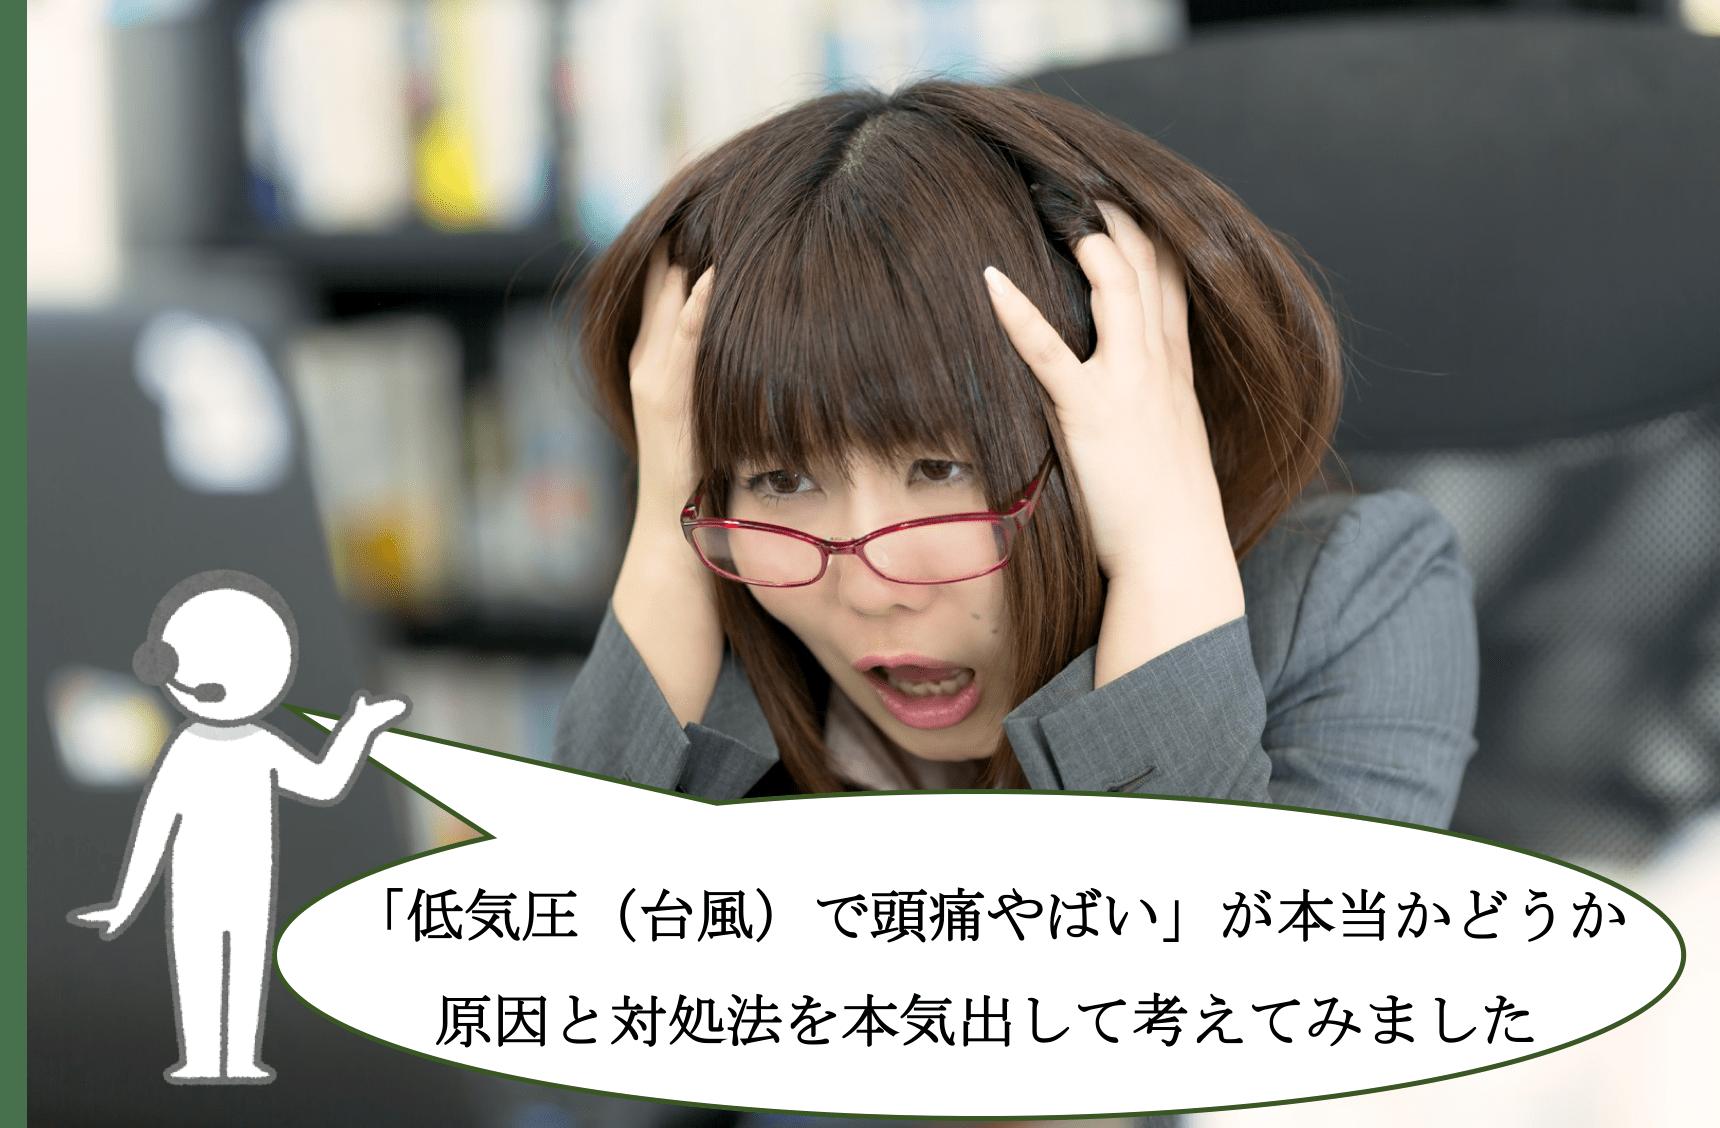 低血圧で頭痛が生じる原因と対策を本気出して考えてみました。